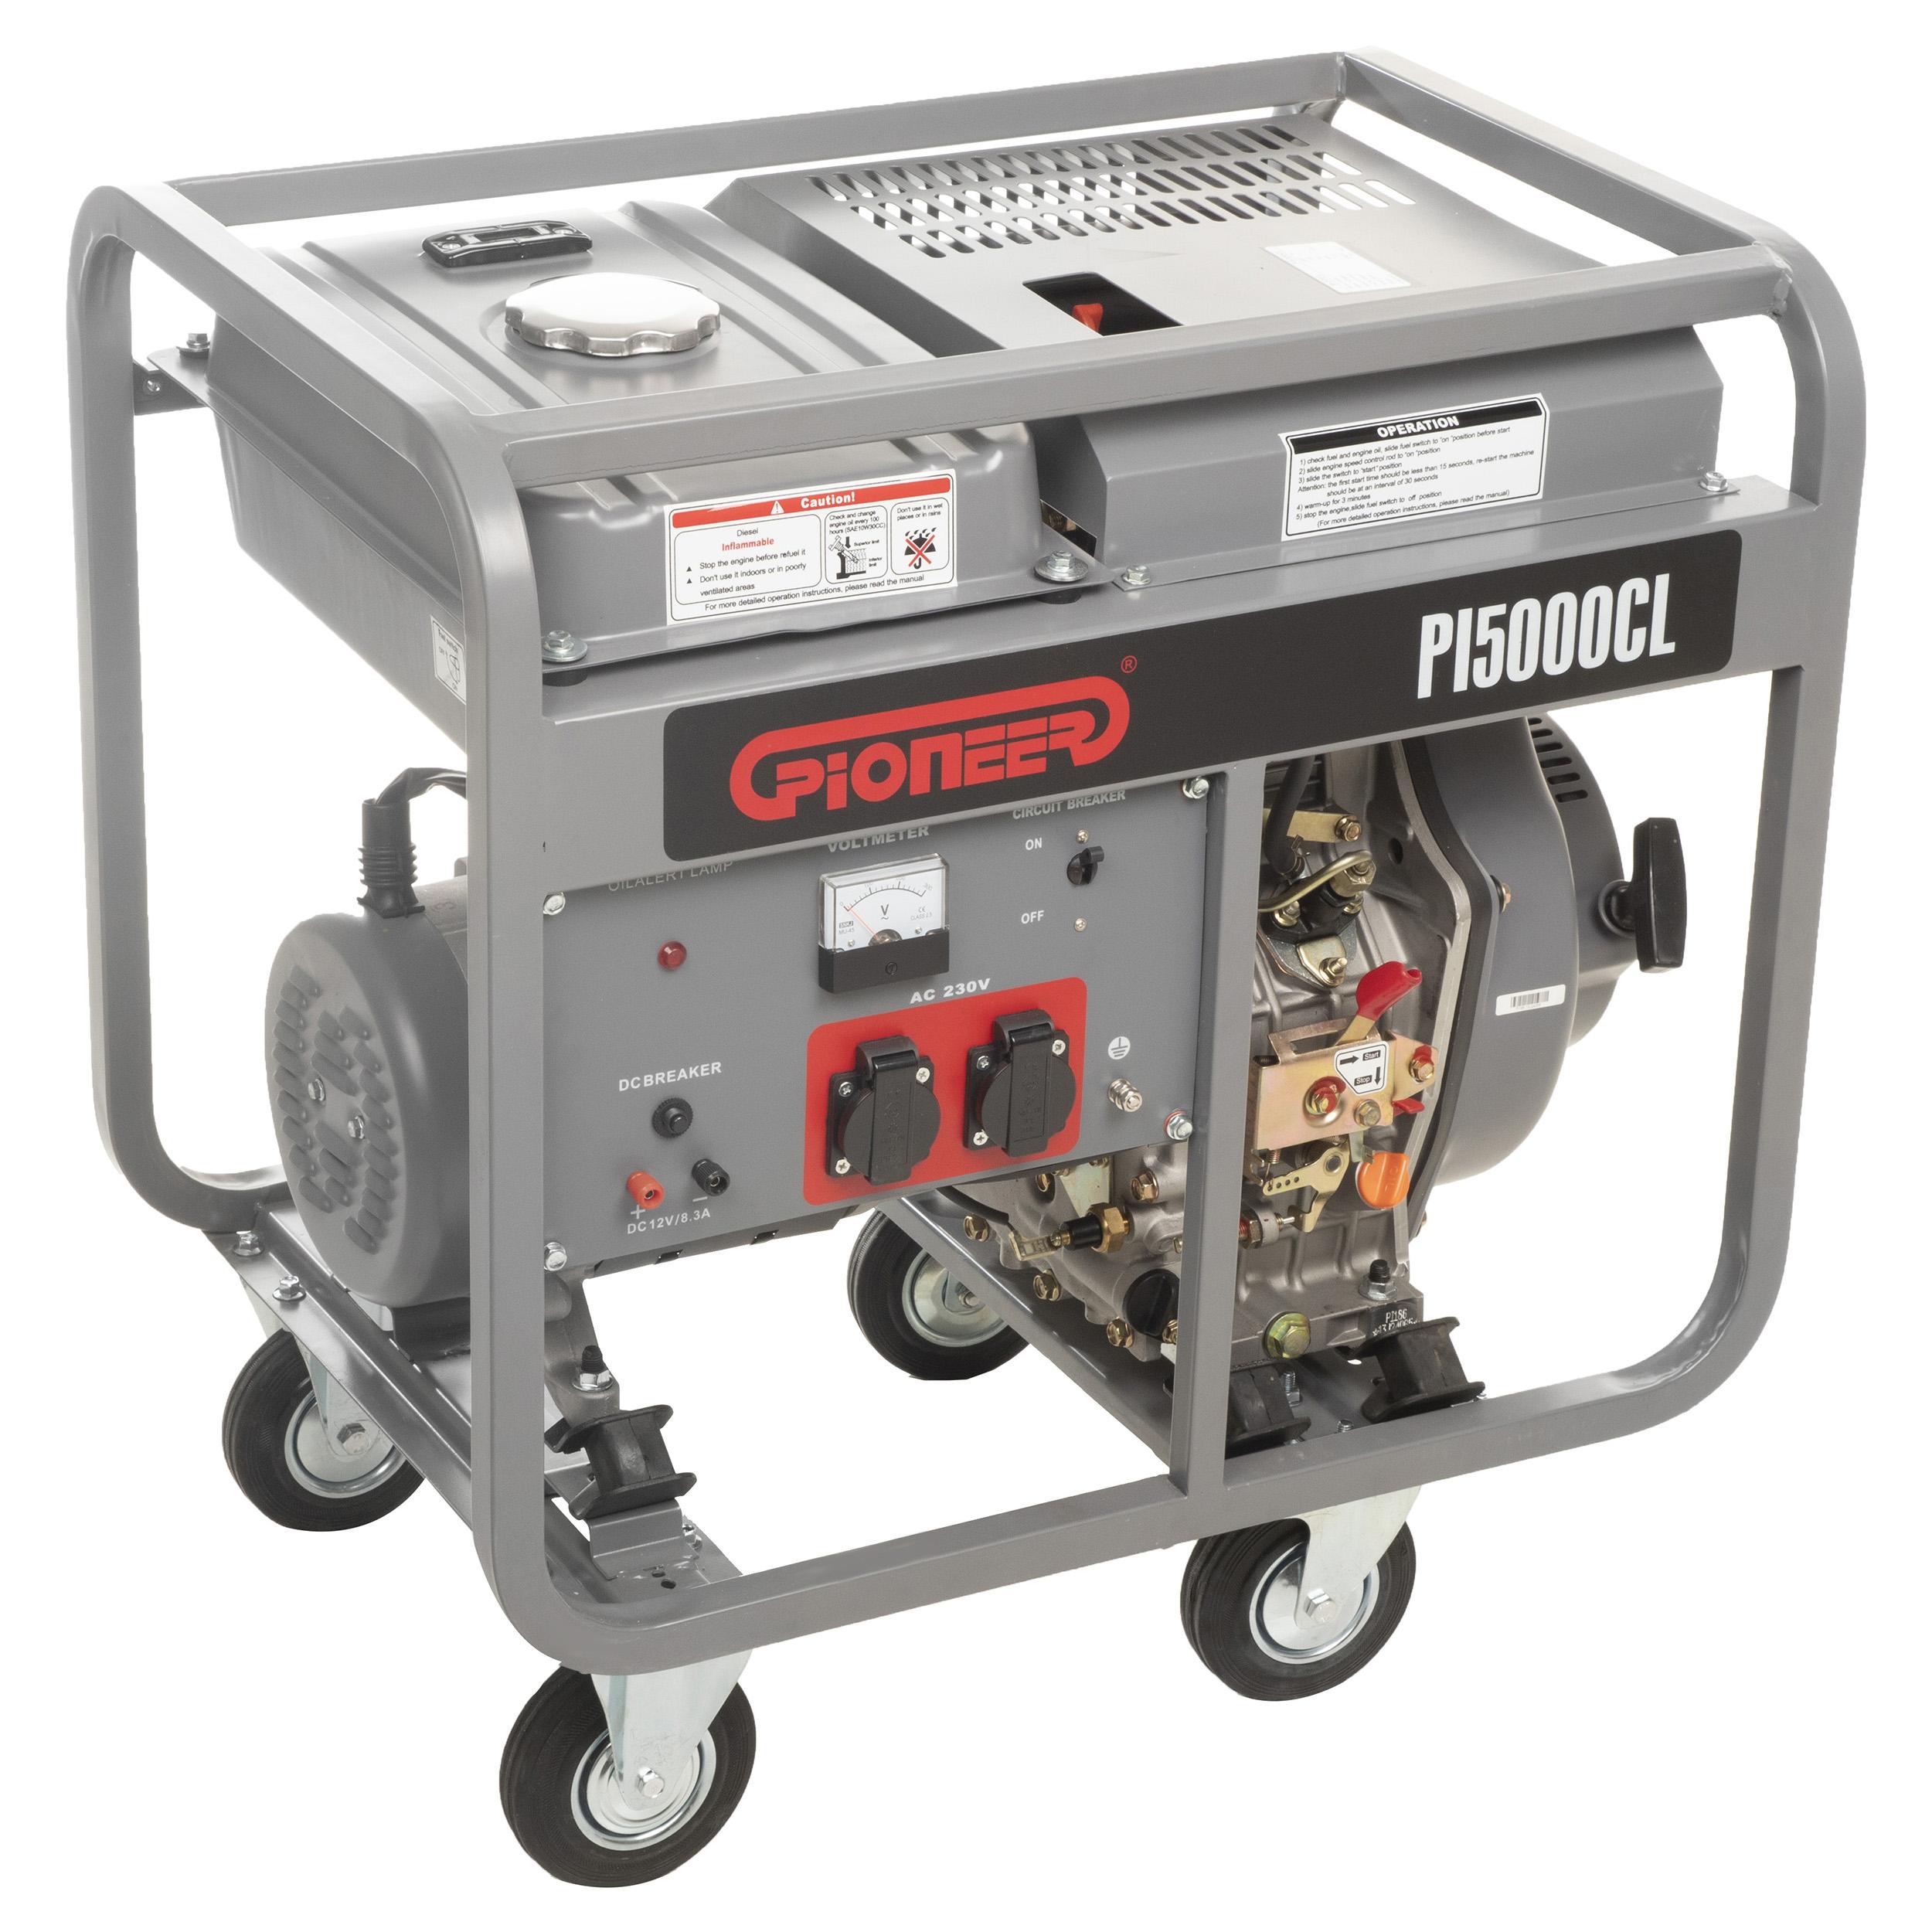 موتور برق پایونیر مدل PI5000CL